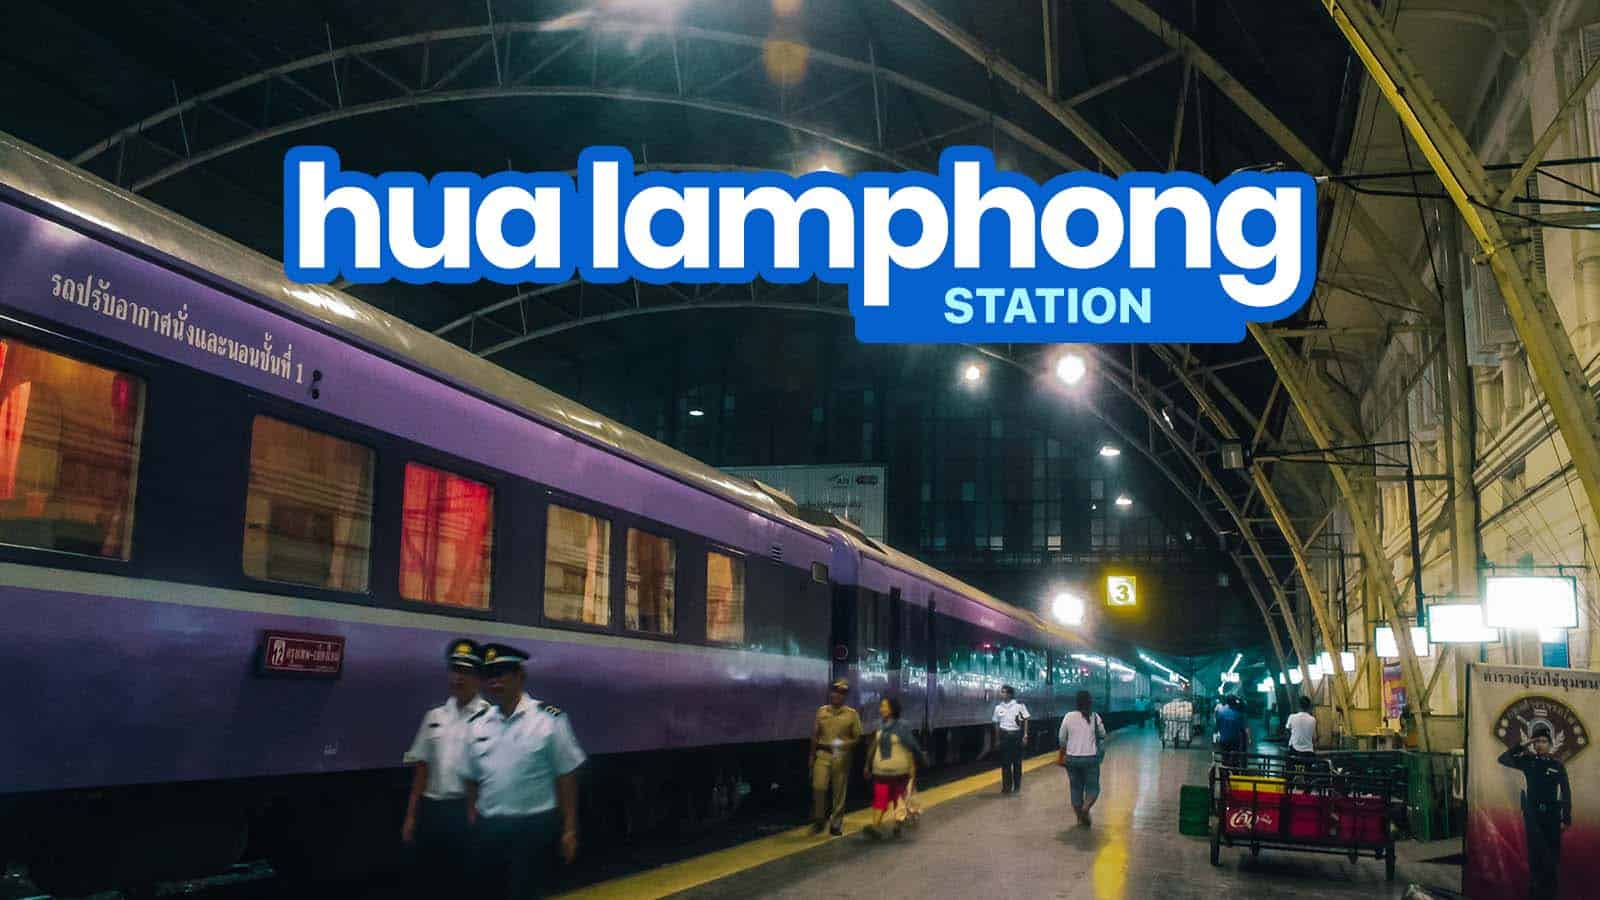 华兰蓬站是曼谷的主要火车站,由泰国国家铁路公司经营和管理,连接首都和远方的地区。